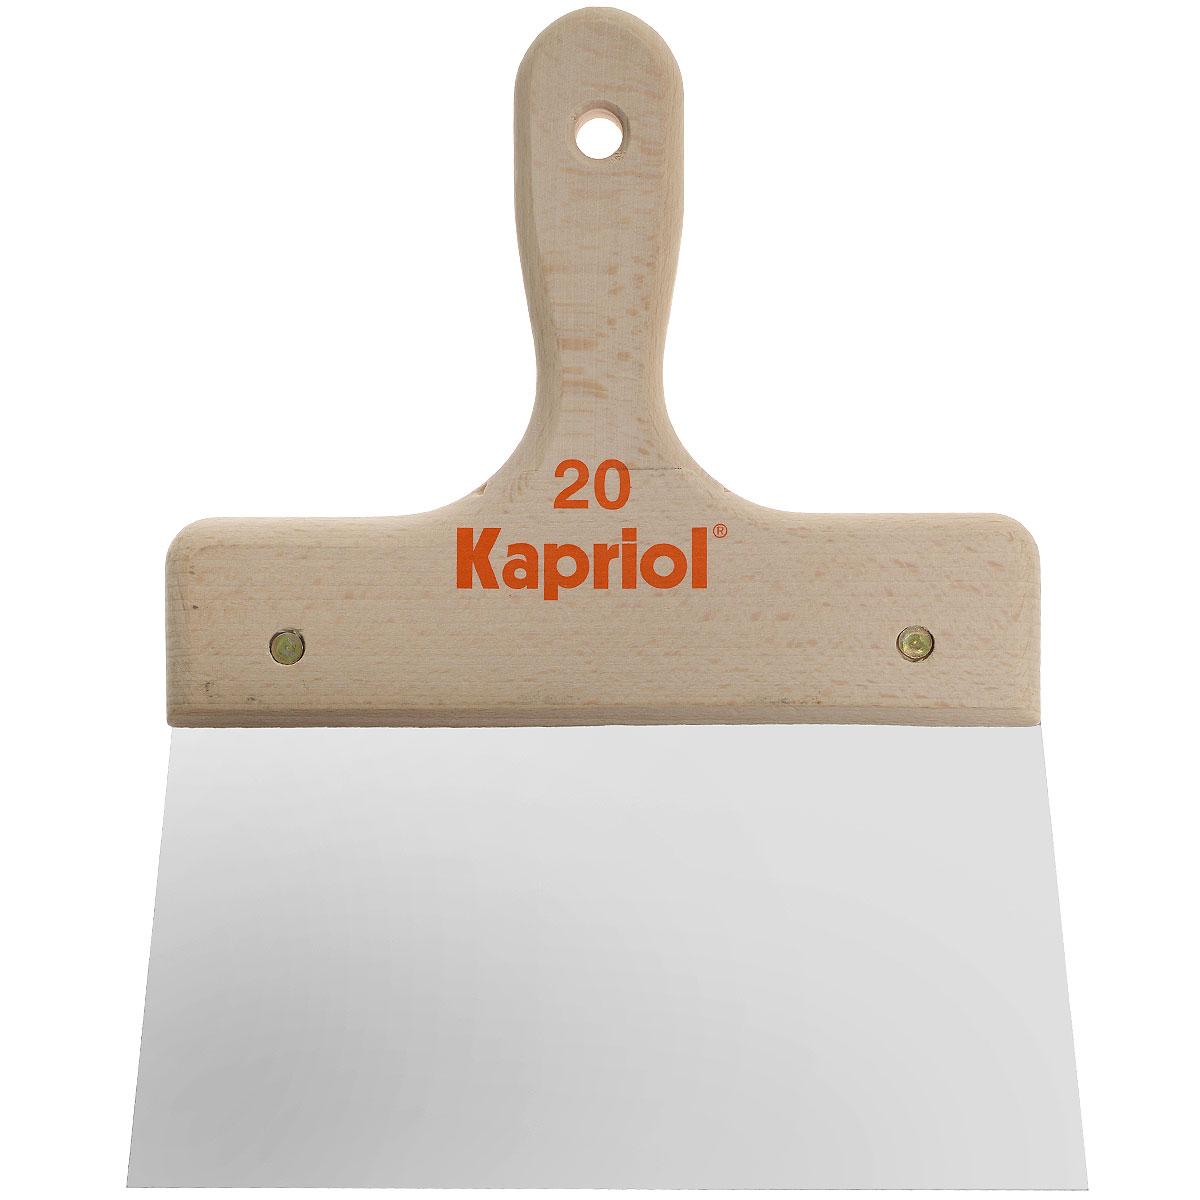 Шпатель полужесткий Kapriol, с деревянной ручкой, 20 см23220Шпатель полужесткий Kapriol с деревянной ручкой используется при внутренней отделке помещений для шпаклевания стен и потолков специальными растворами. Особенности шпателя: Полотно - средней жесткости; Полотно изготовлено из закаленной хромированной стали; Деревянная рукоятка.